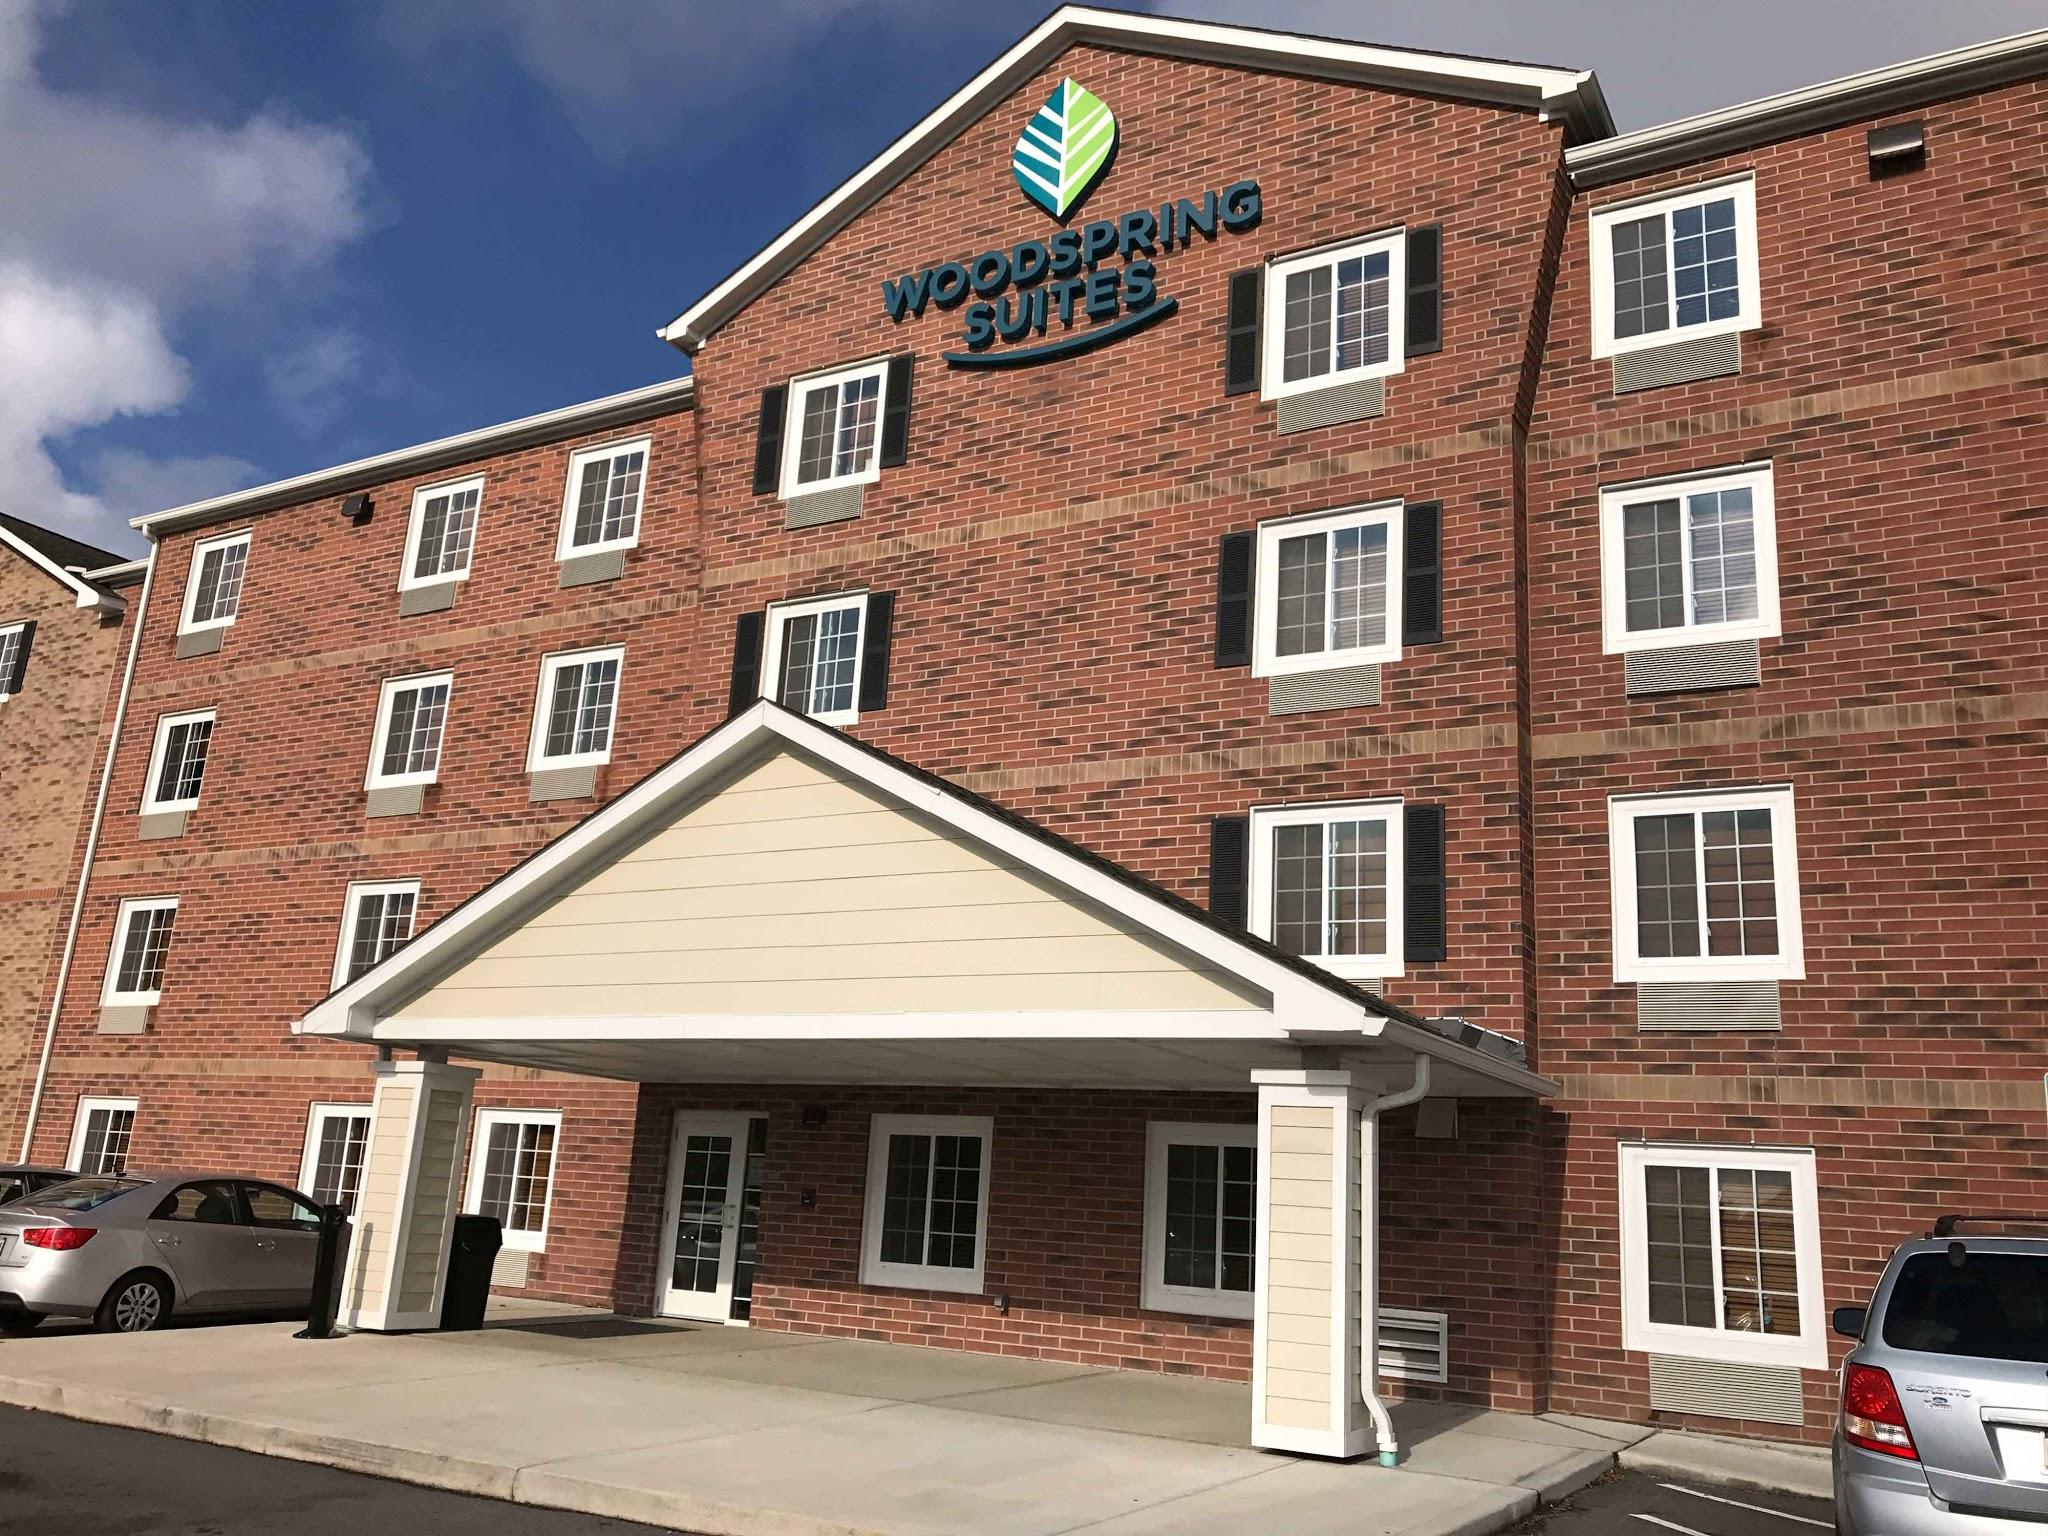 WoodSpring Suites Grand Rapids Holland image 8